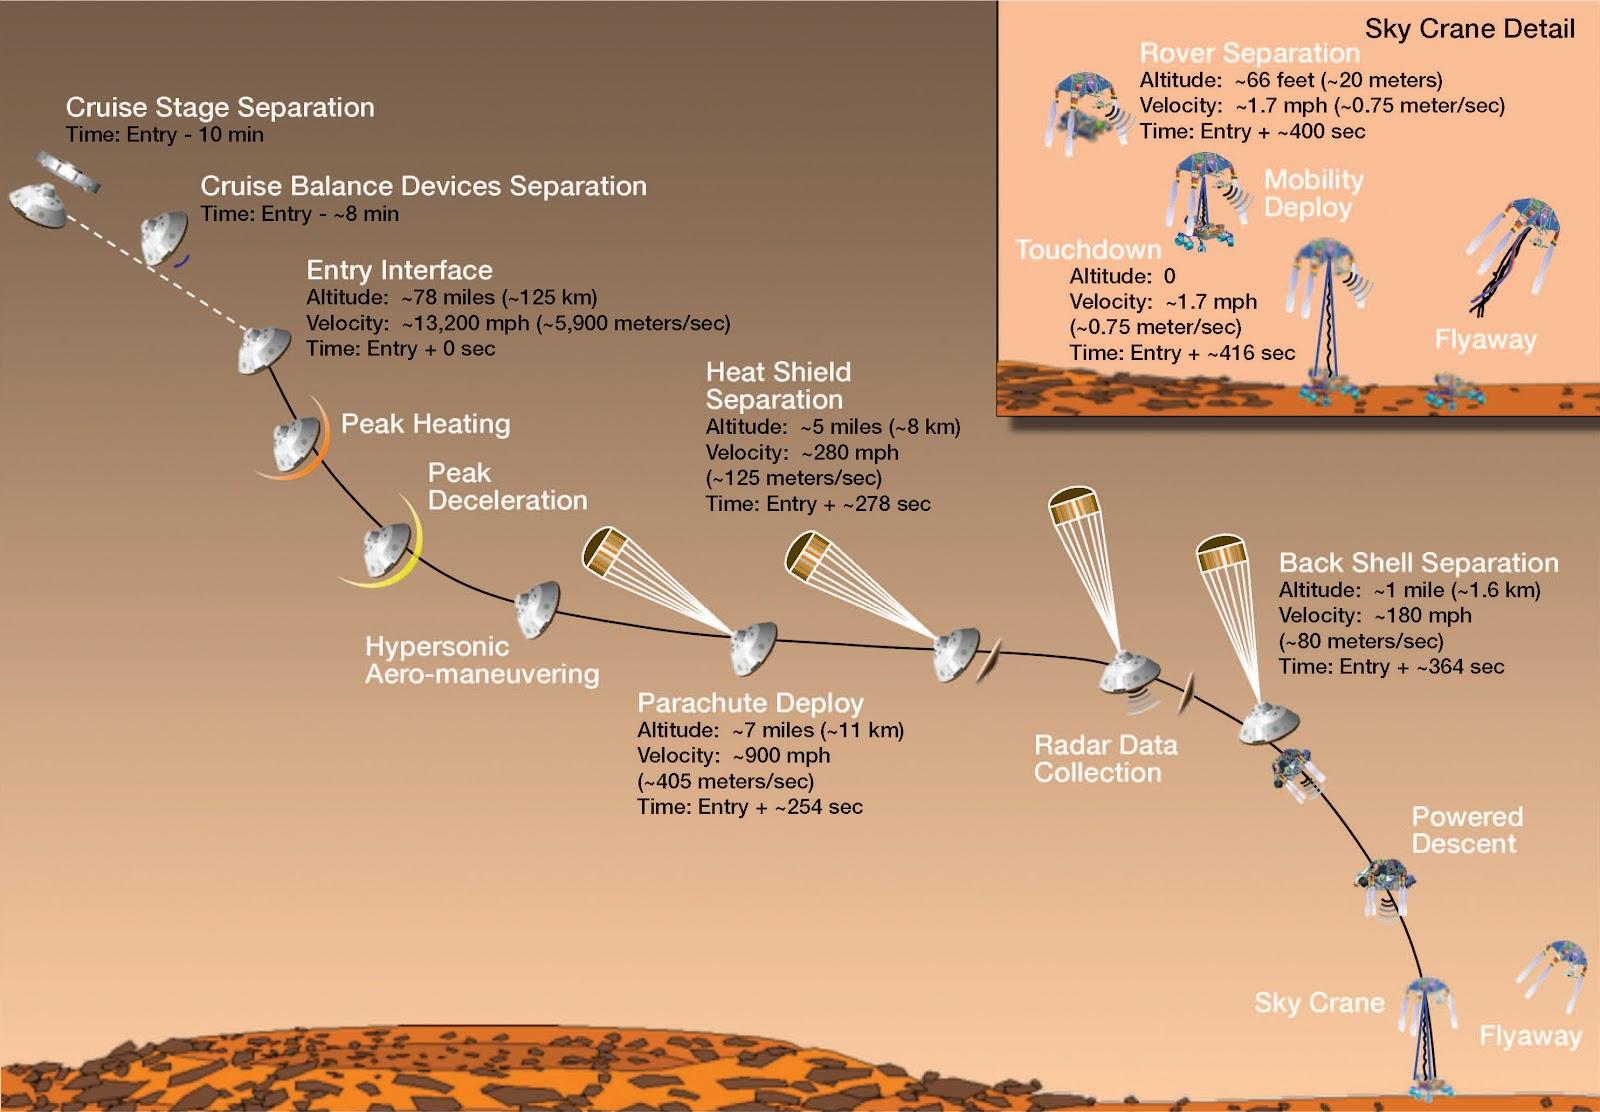 посадка Марсохода Curiosity